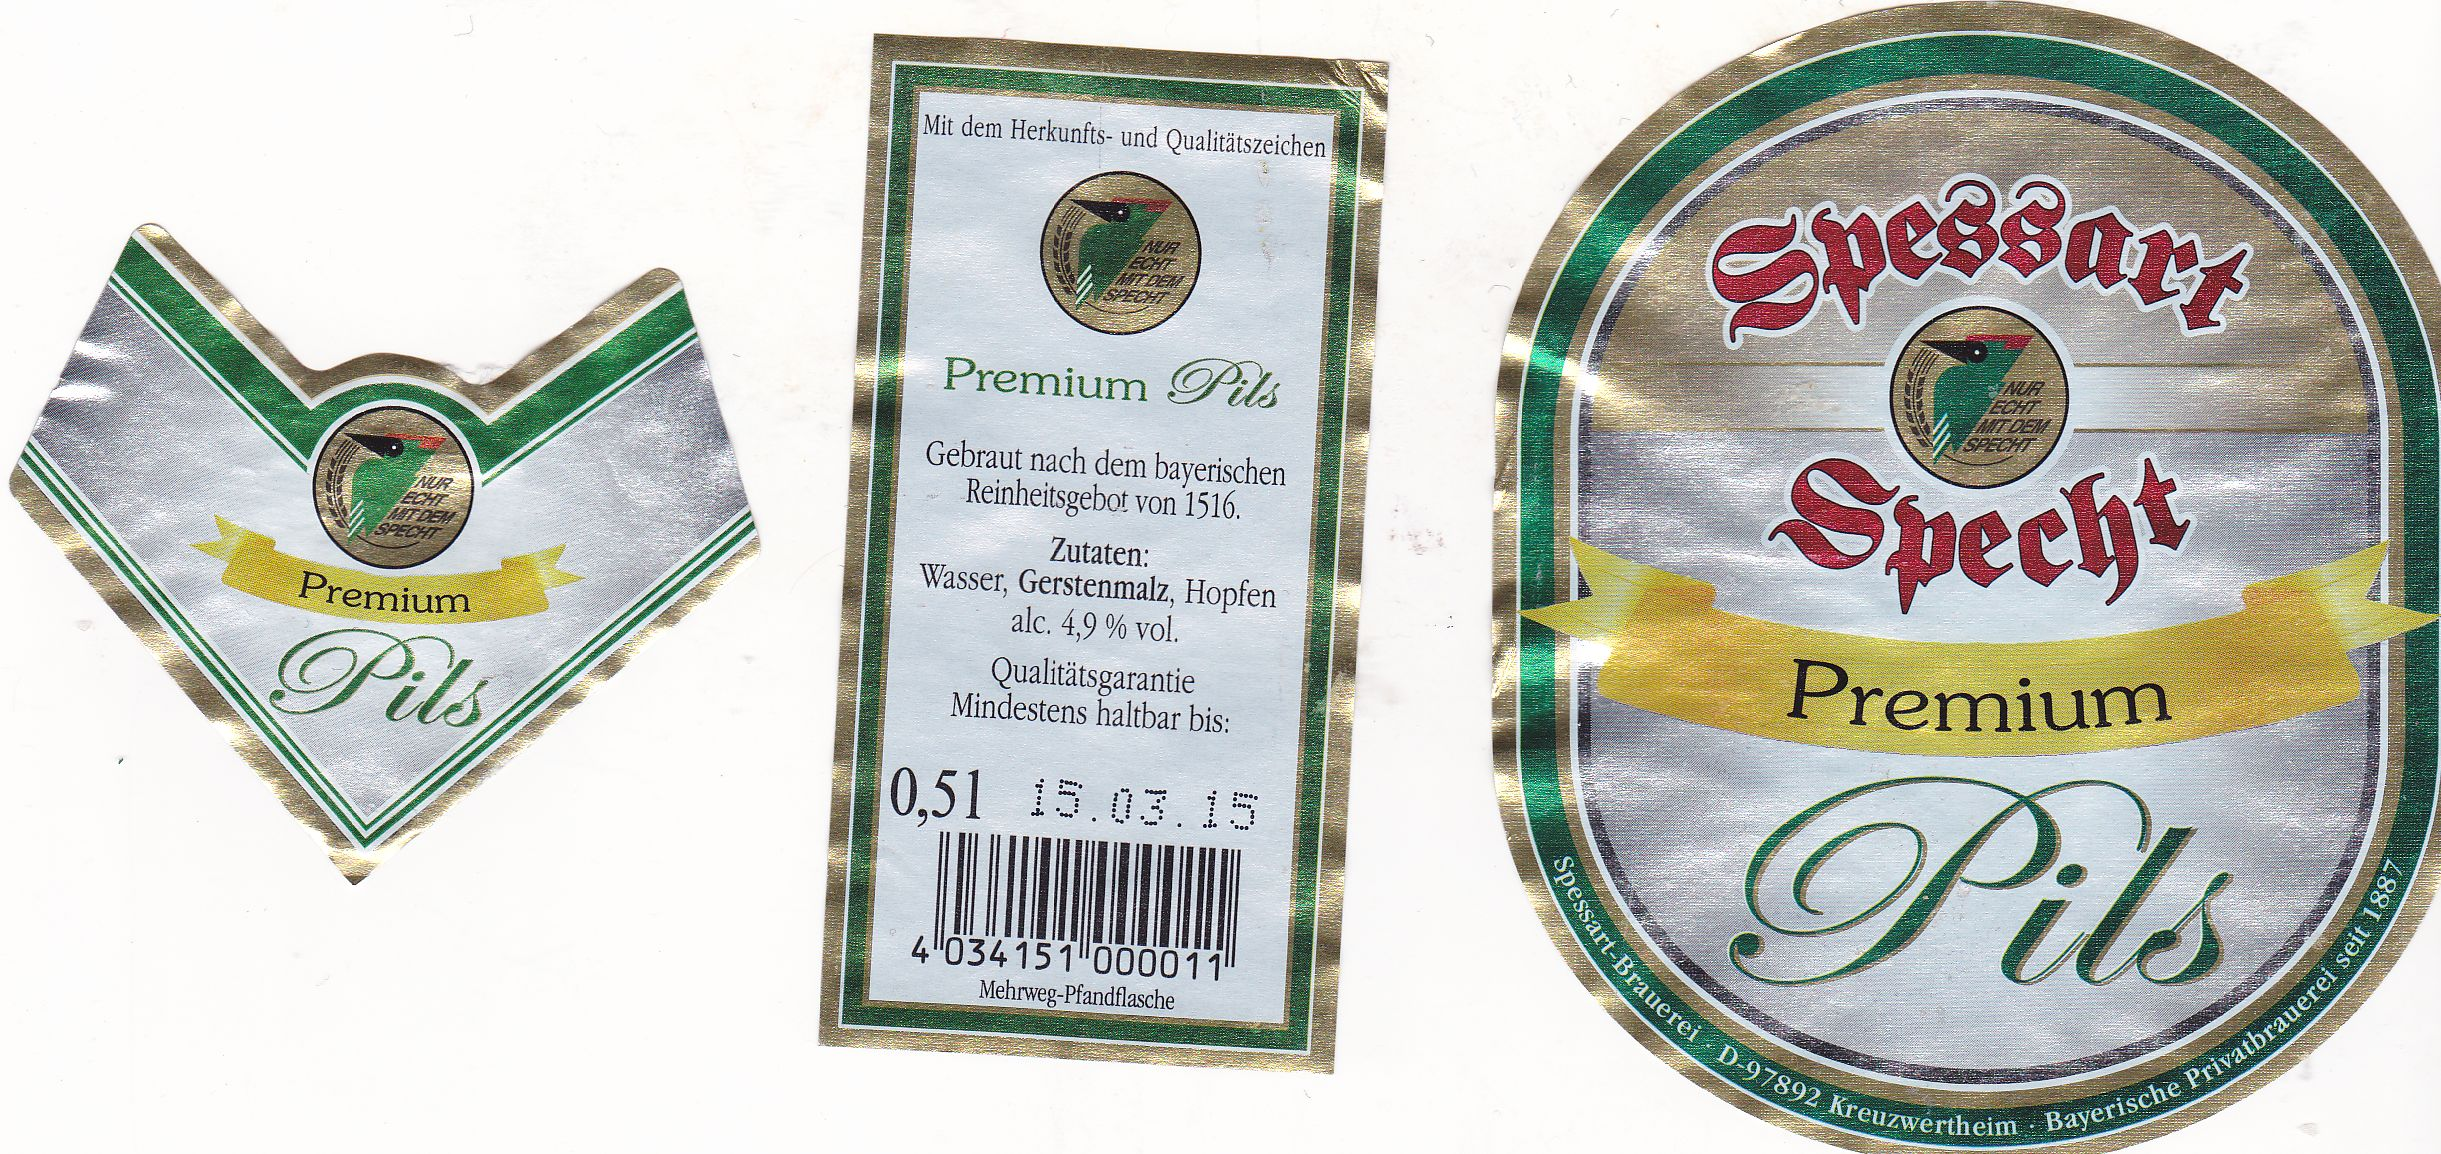 spessart-specht-premium-pils